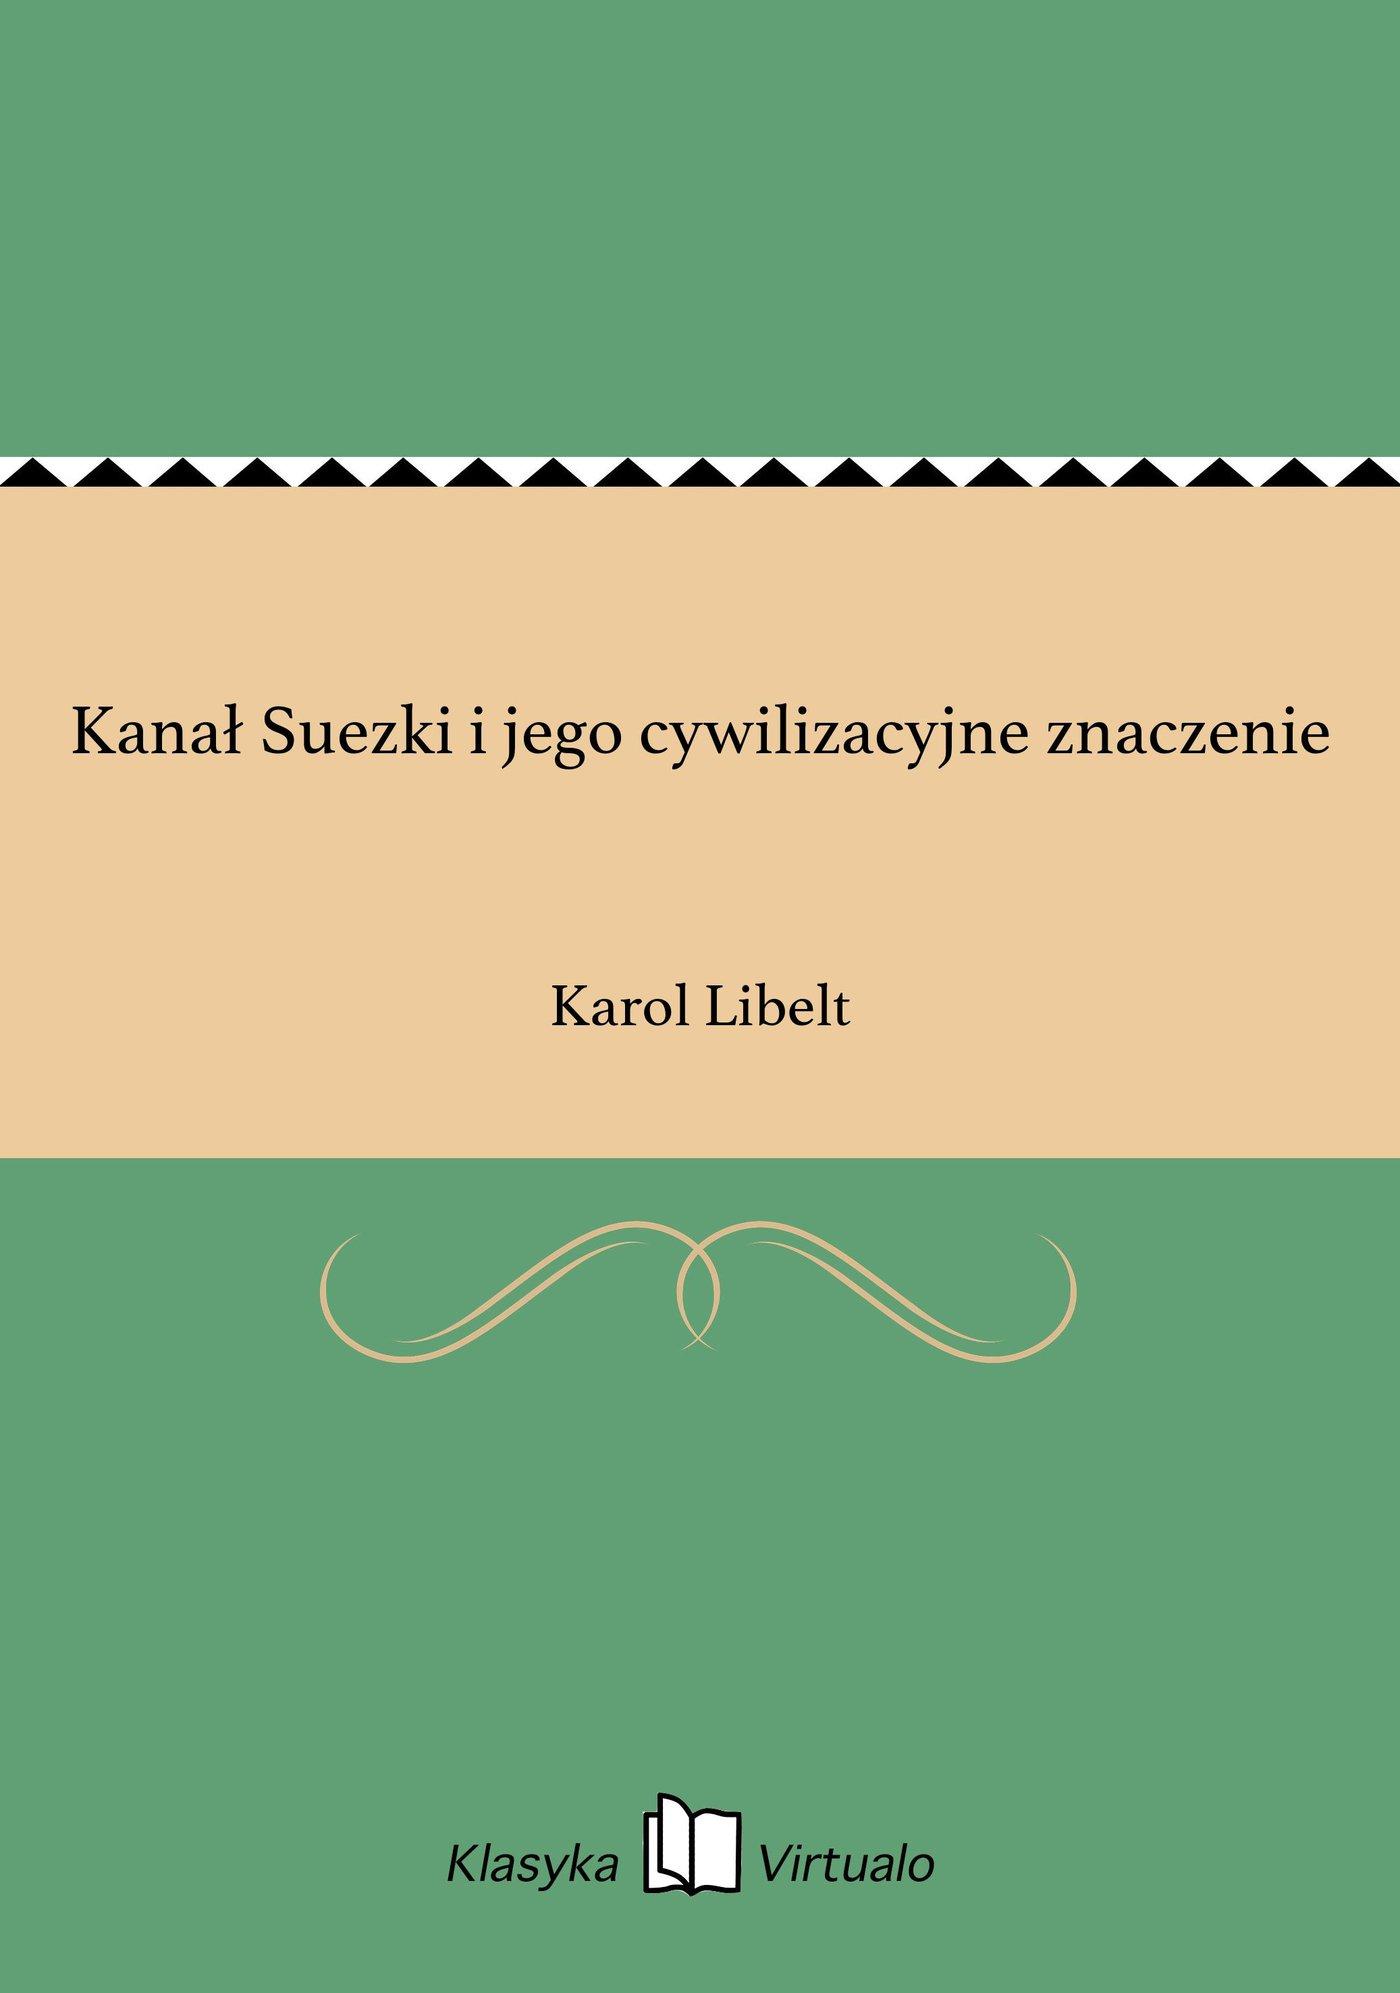 Kanał Suezki i jego cywilizacyjne znaczenie - Ebook (Książka na Kindle) do pobrania w formacie MOBI